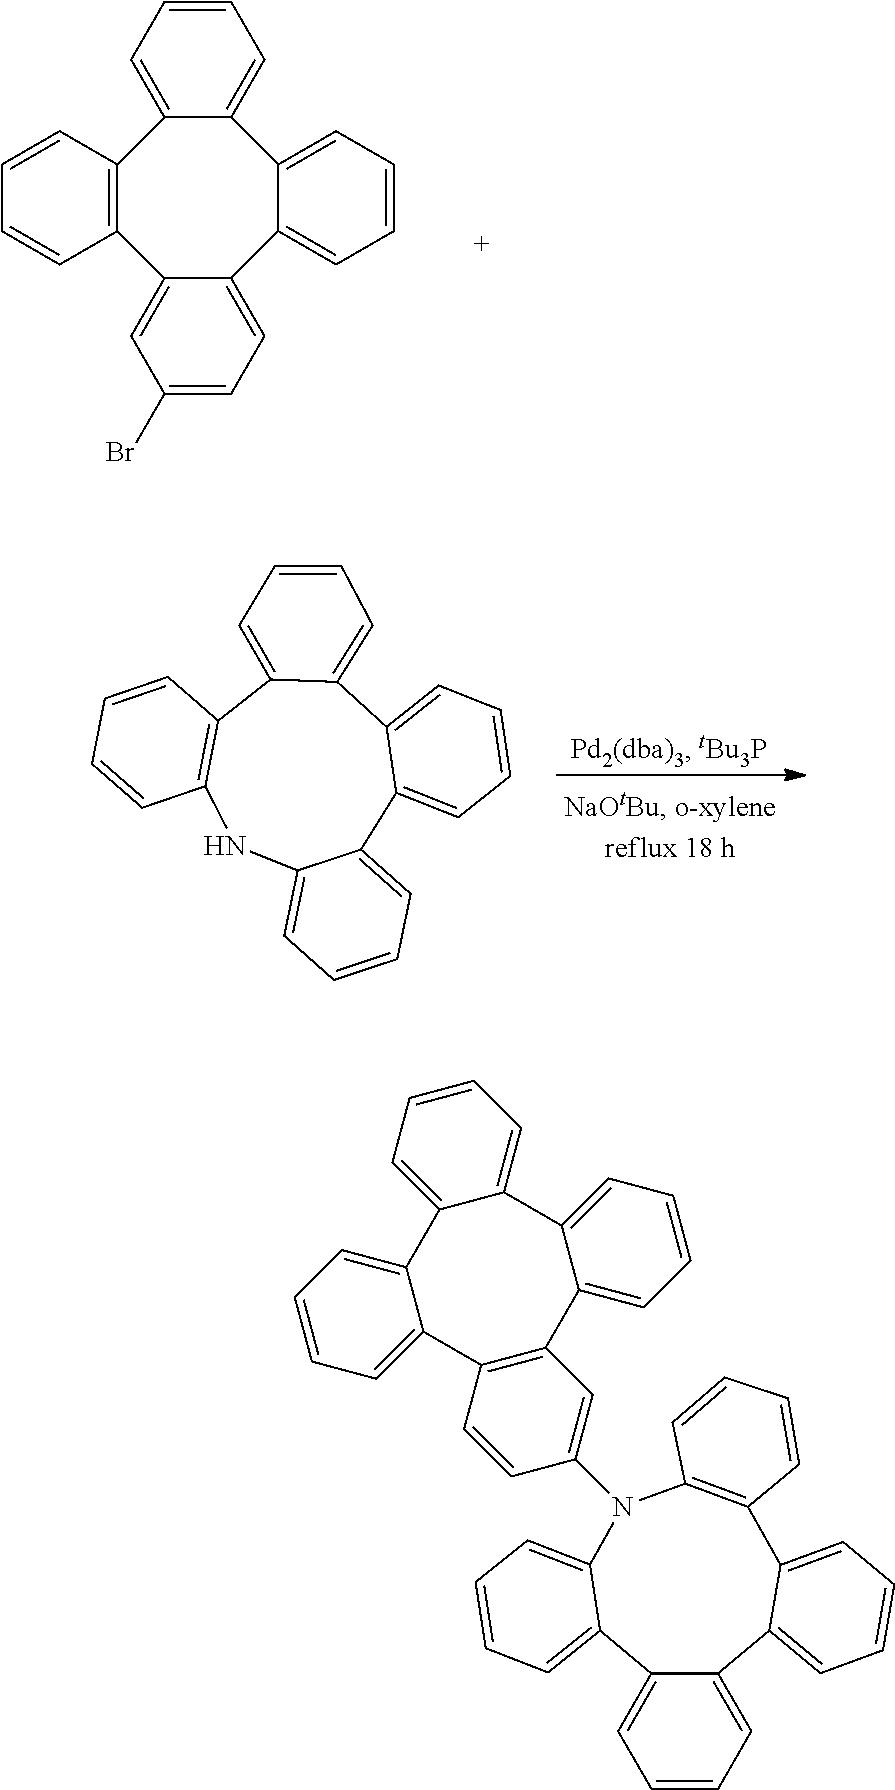 Figure US09978956-20180522-C00111